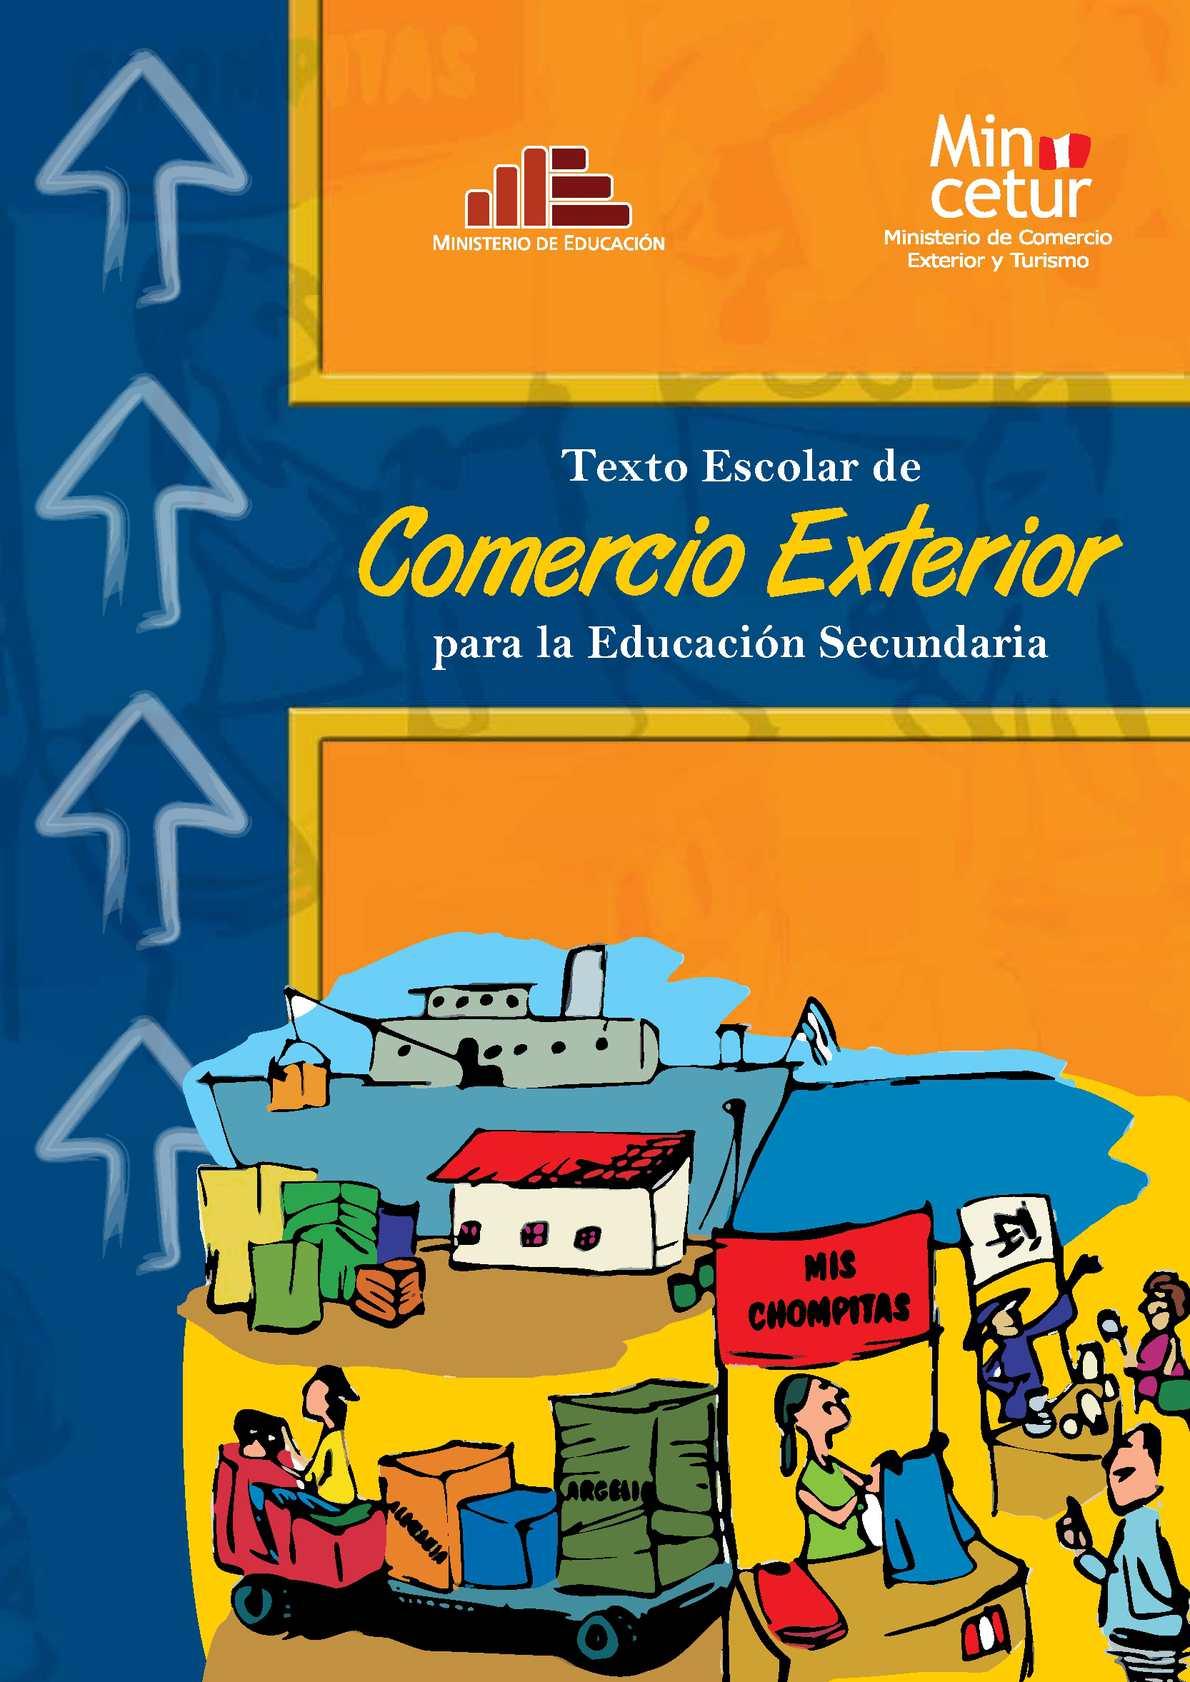 Texto Escolar de Comercio Exterior